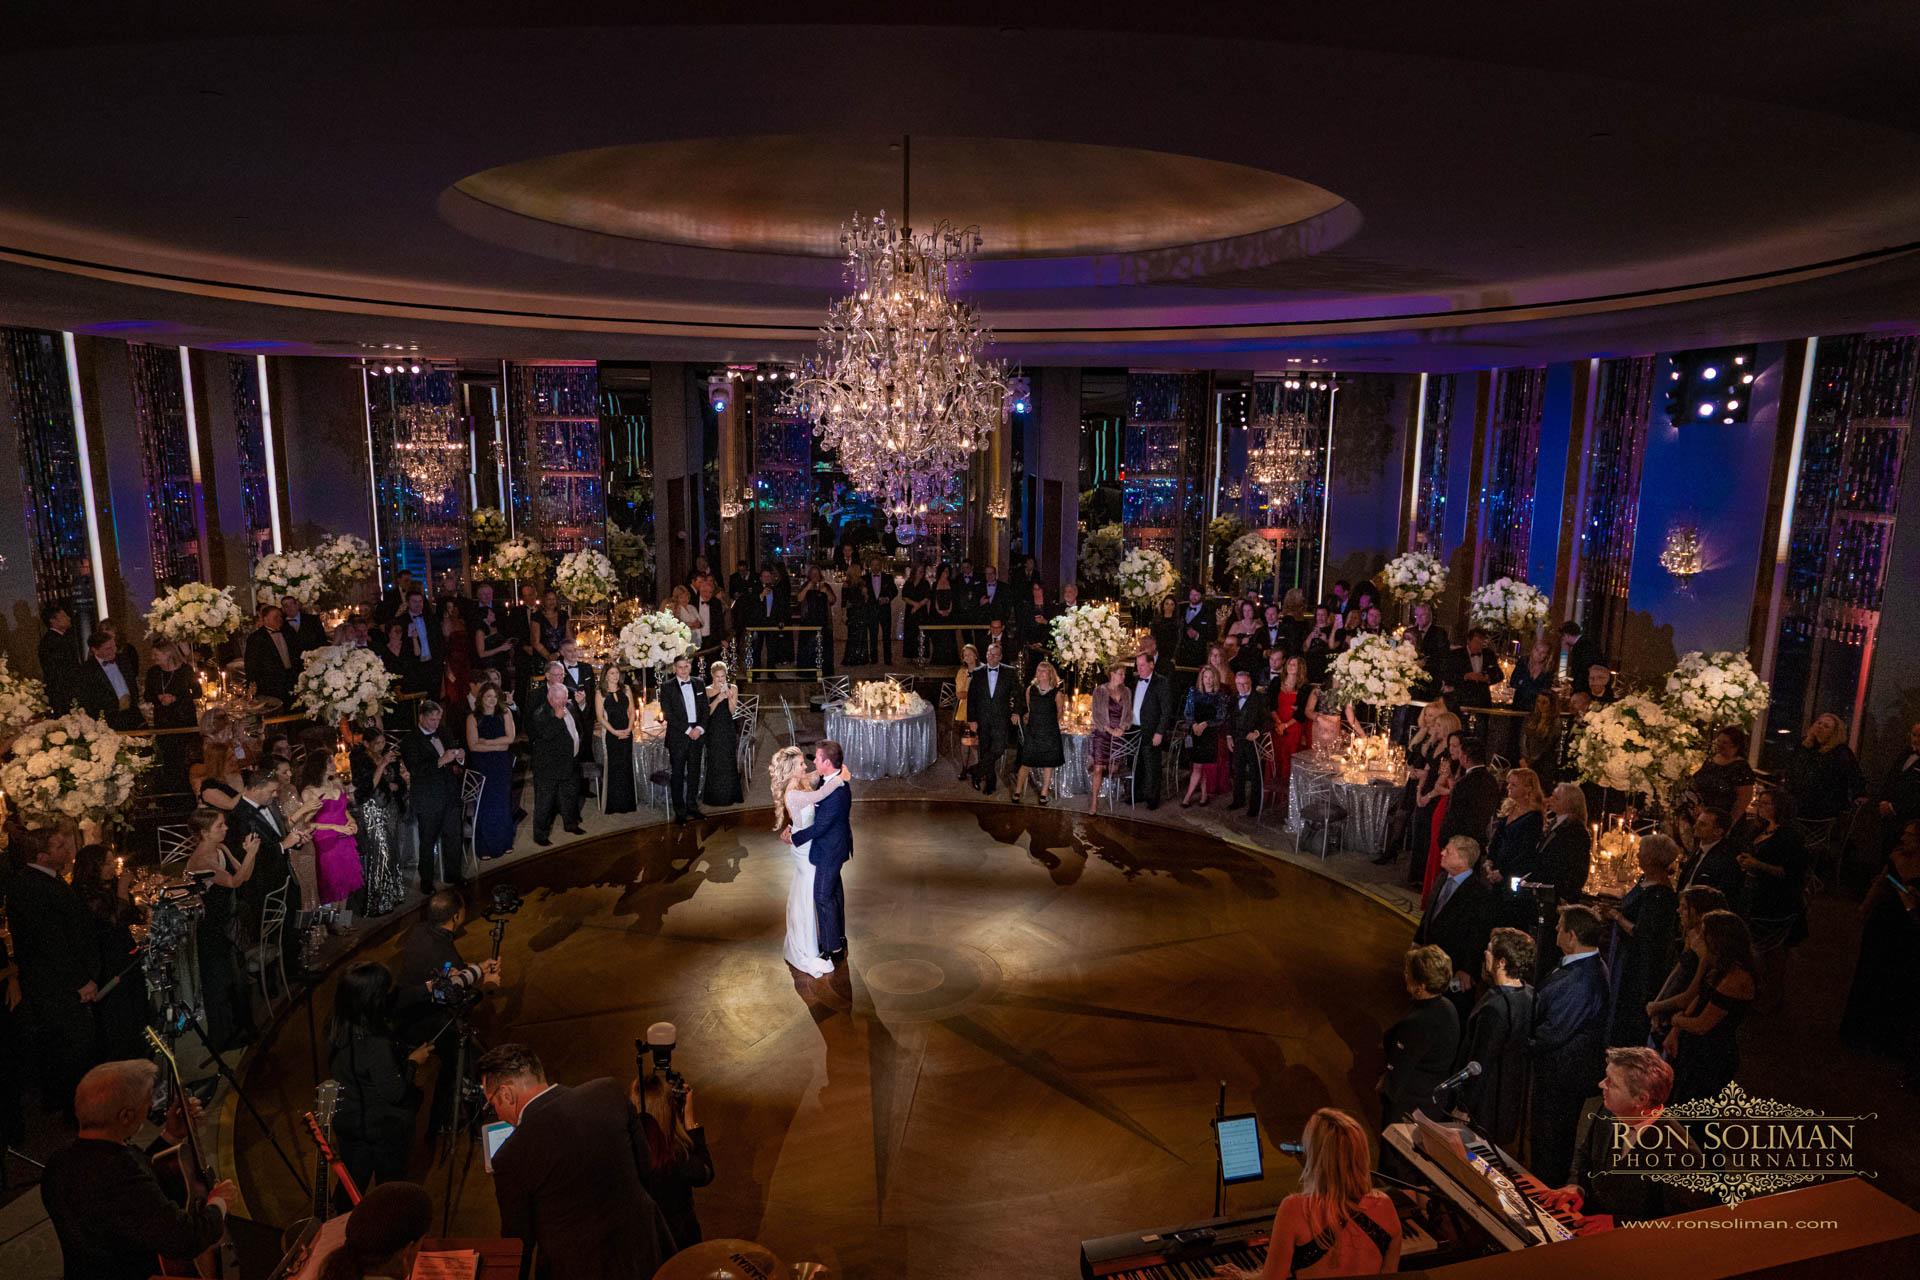 RAINBOW ROOM WEDDING BD 43